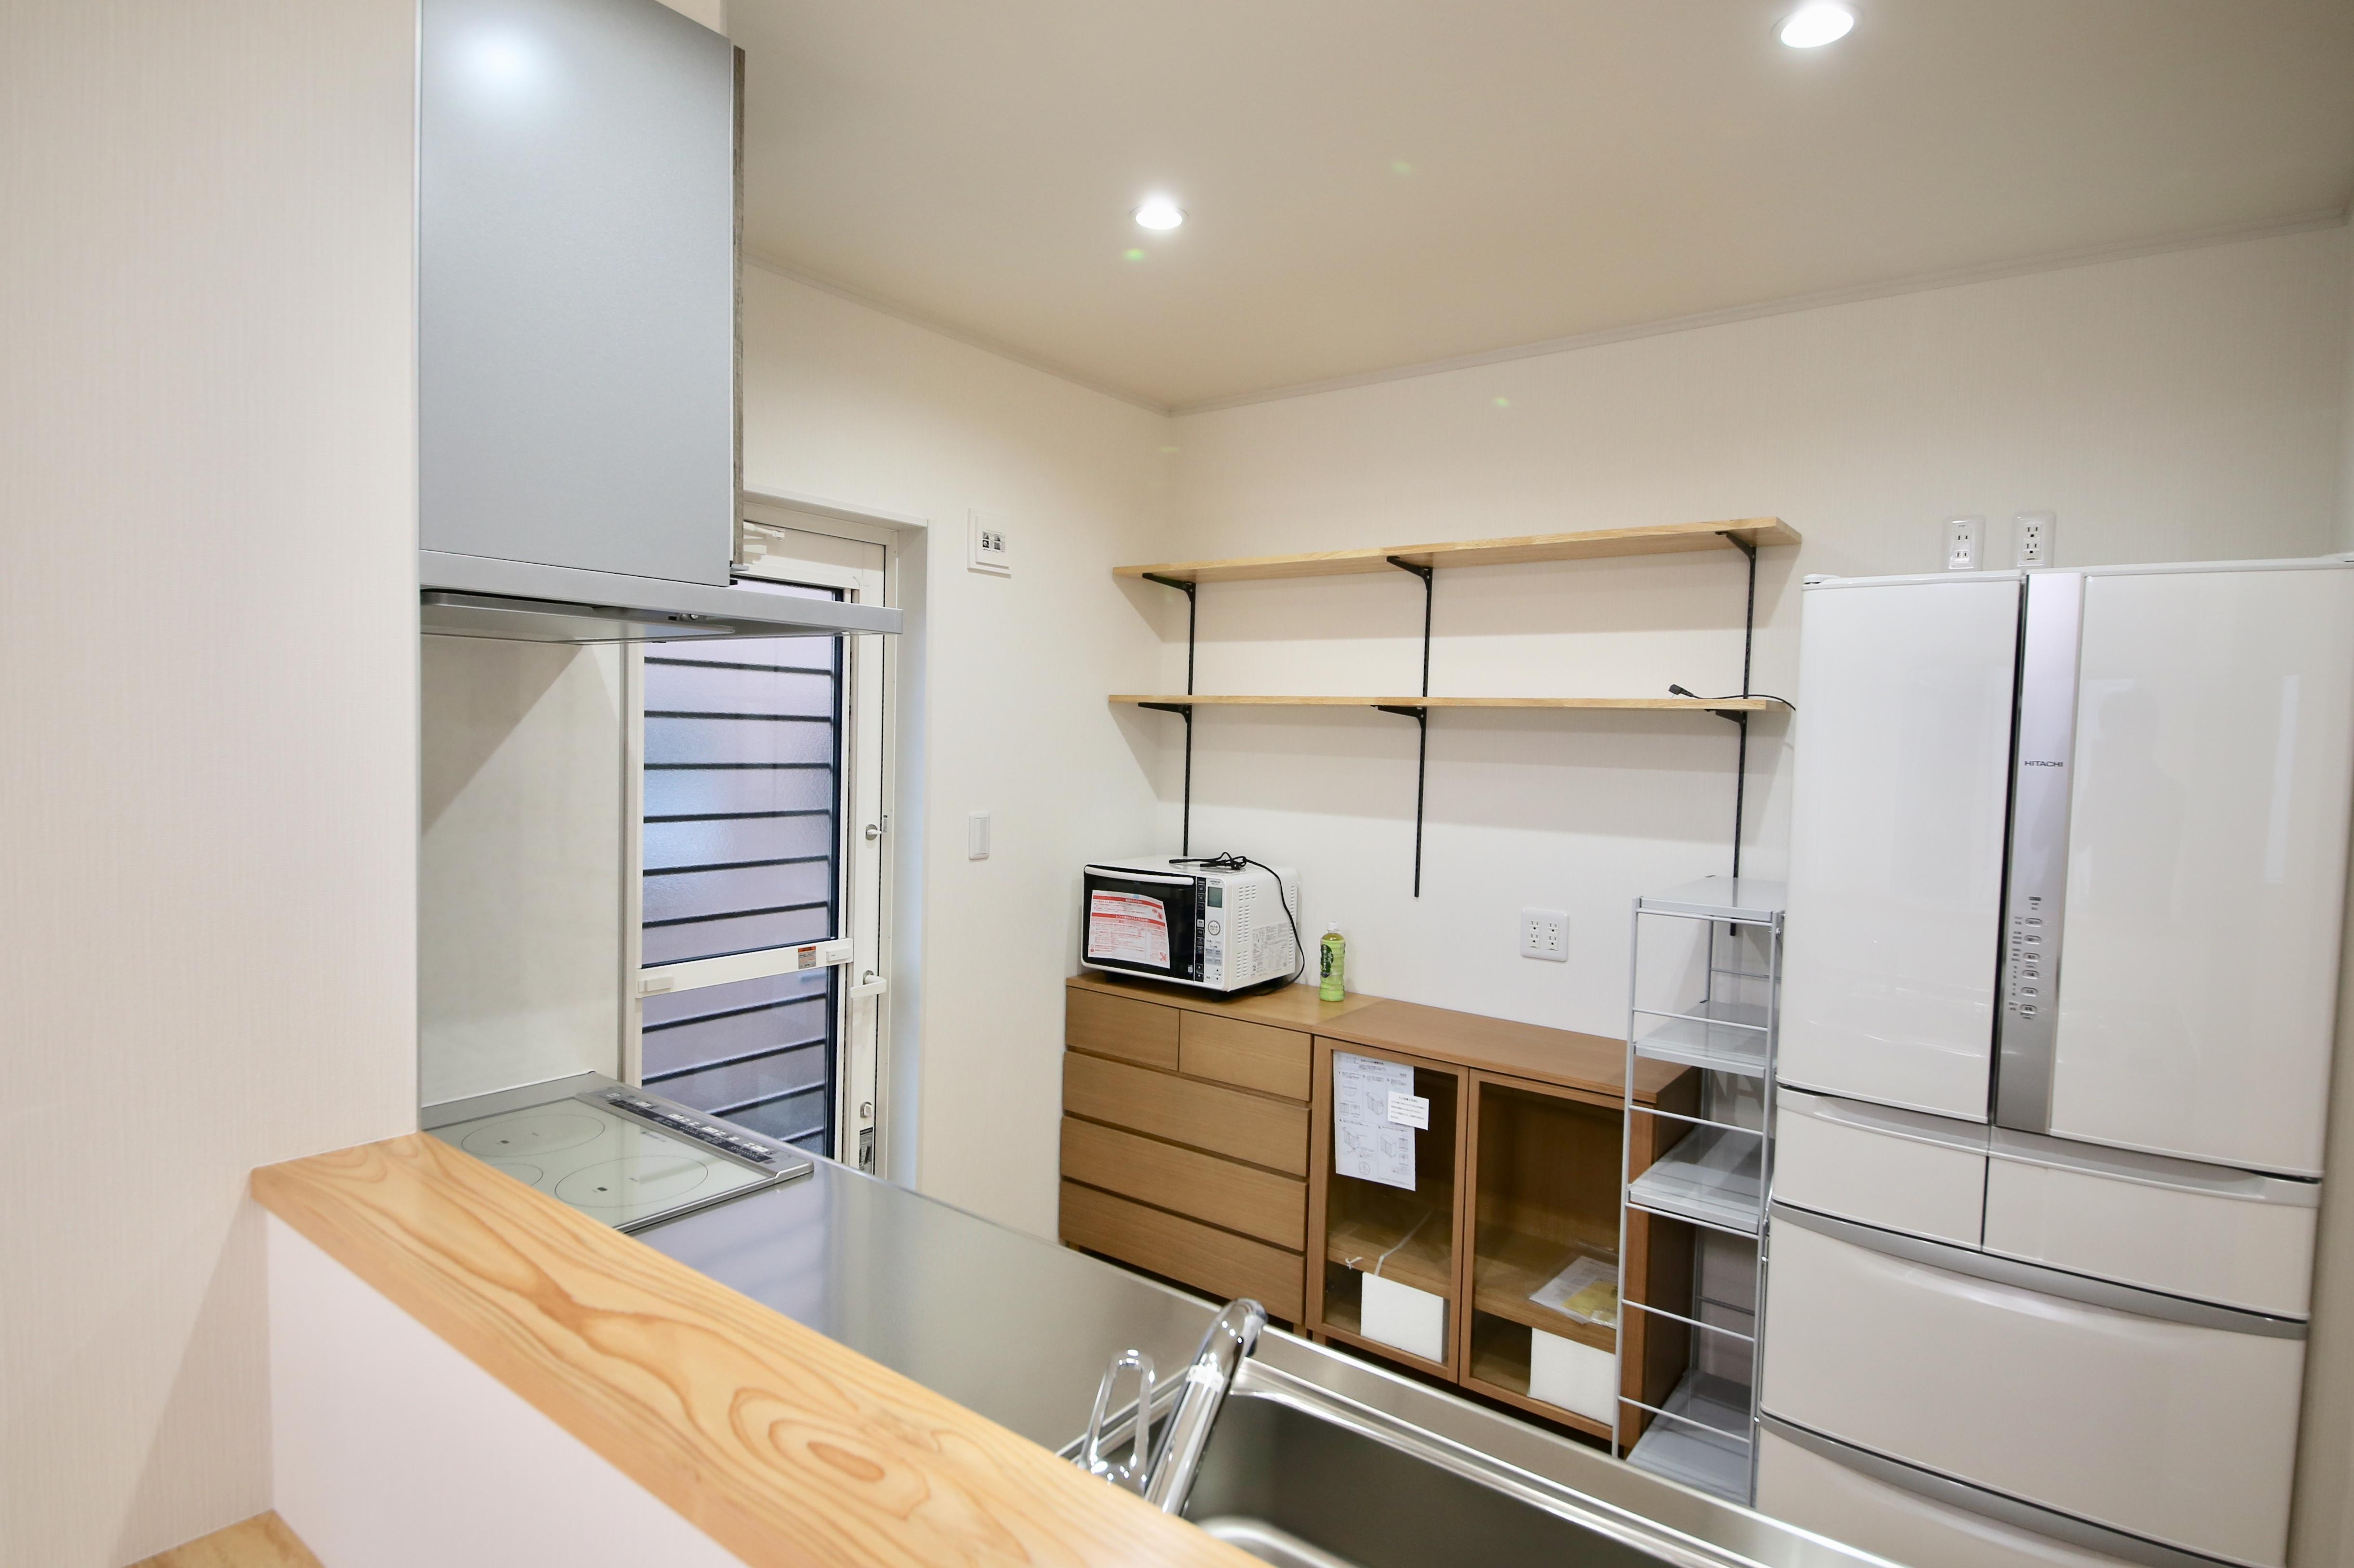 キッチン背面には高さを変えられる棚を設置し、十分な収納スペースを設けた。IHヒーターの採用で掃除も簡単に